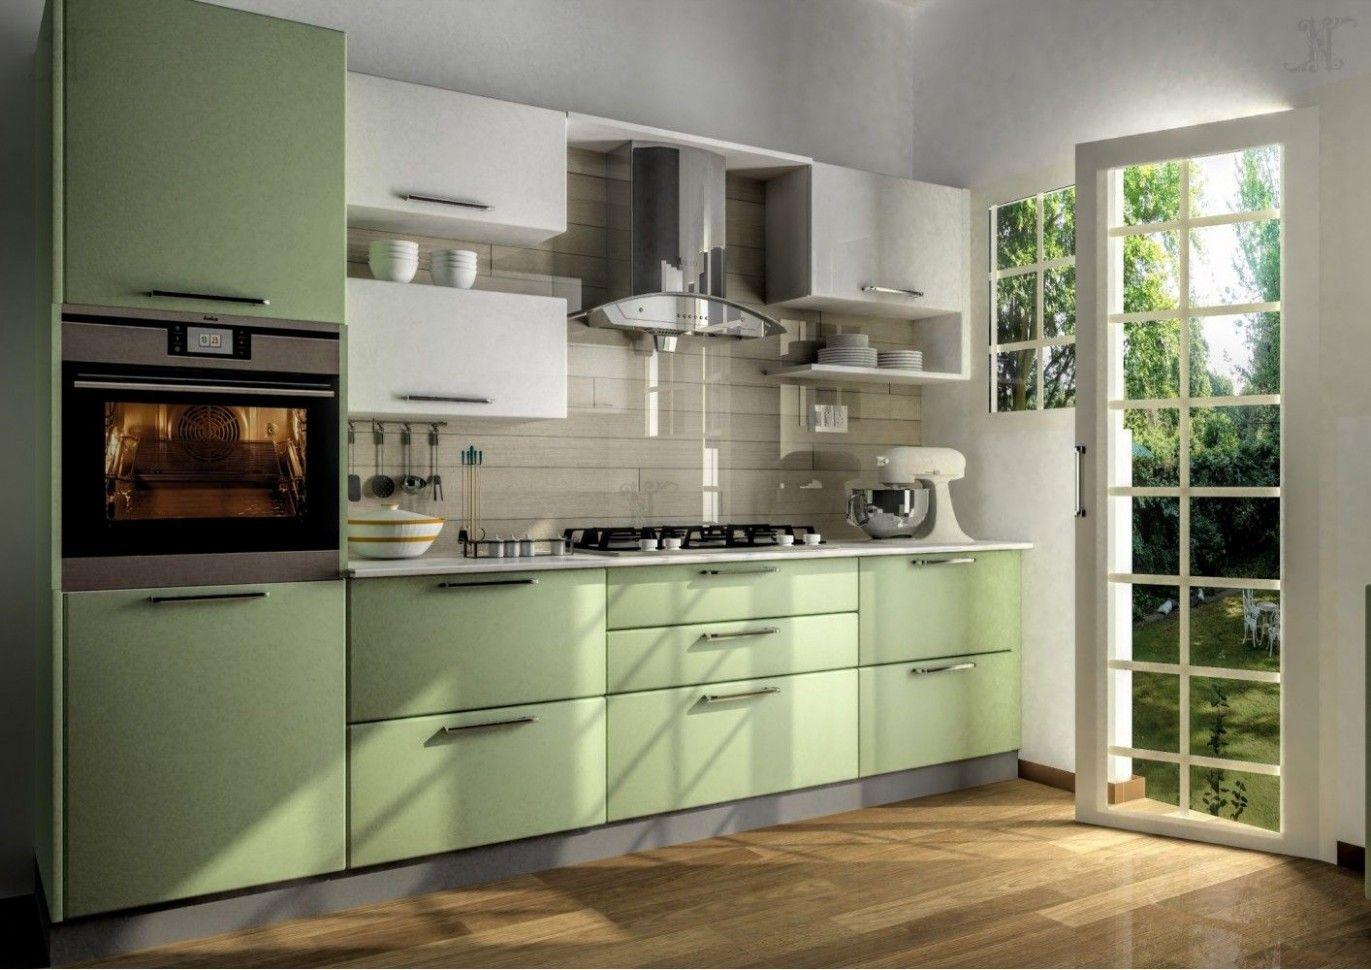 Indian Kitchen Interior Design Photos | Parallel kitchen ...